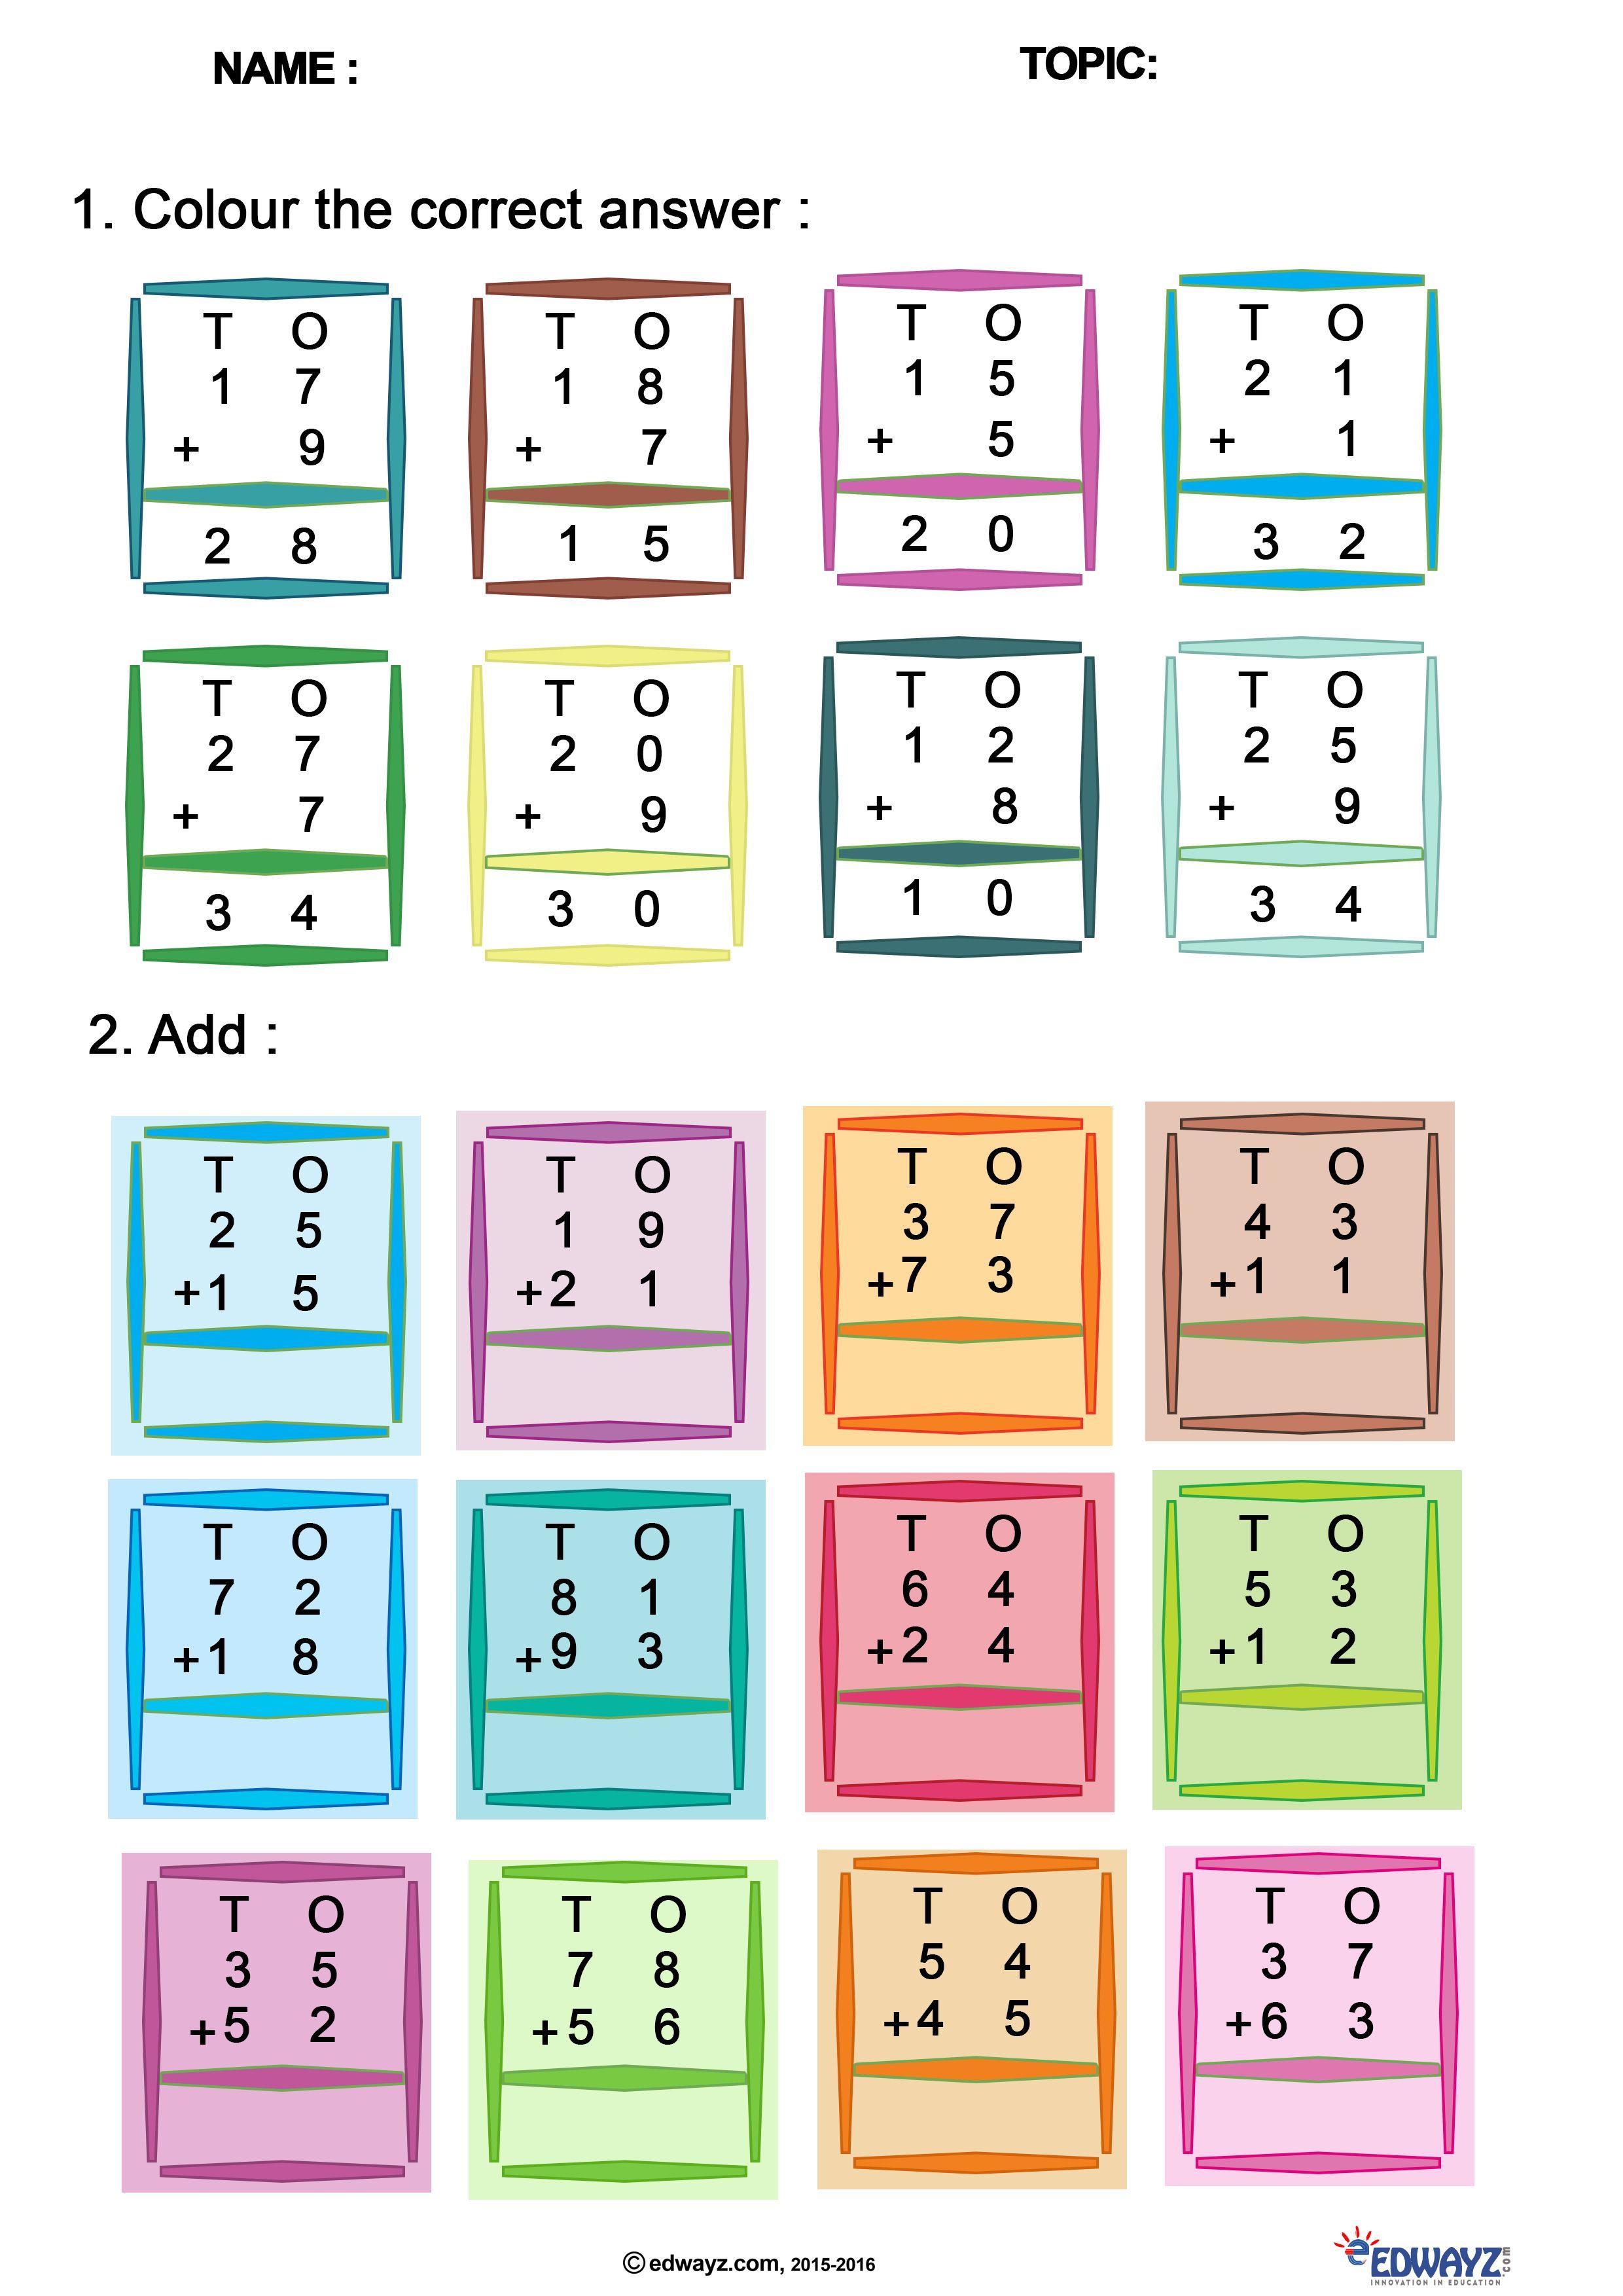 Freeworksheets Class1 Addition Funlearning Free Kids Education Edwayz Edwayzfreeworkshee Education Elementary Math Education Quotes Inspirational Math Worksheets on addition for class 1